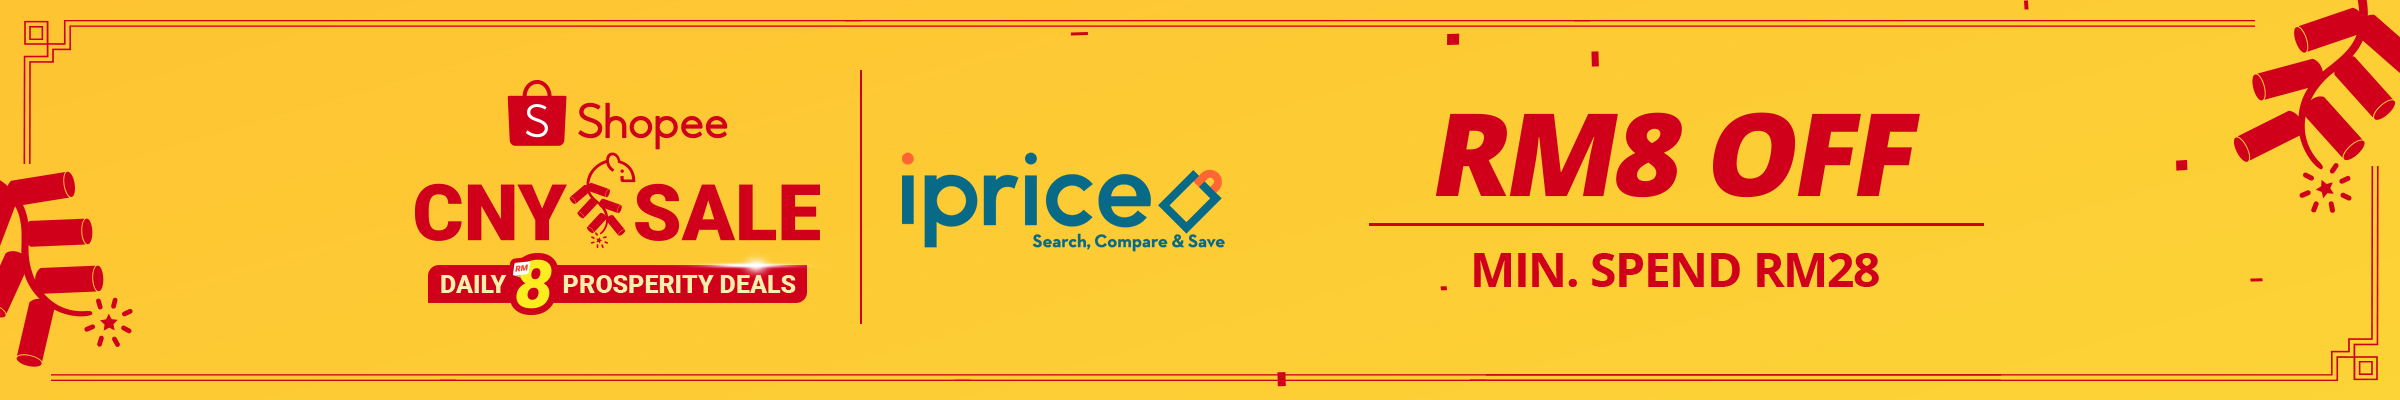 Shopee CNY Sale 2 - 28 Jan